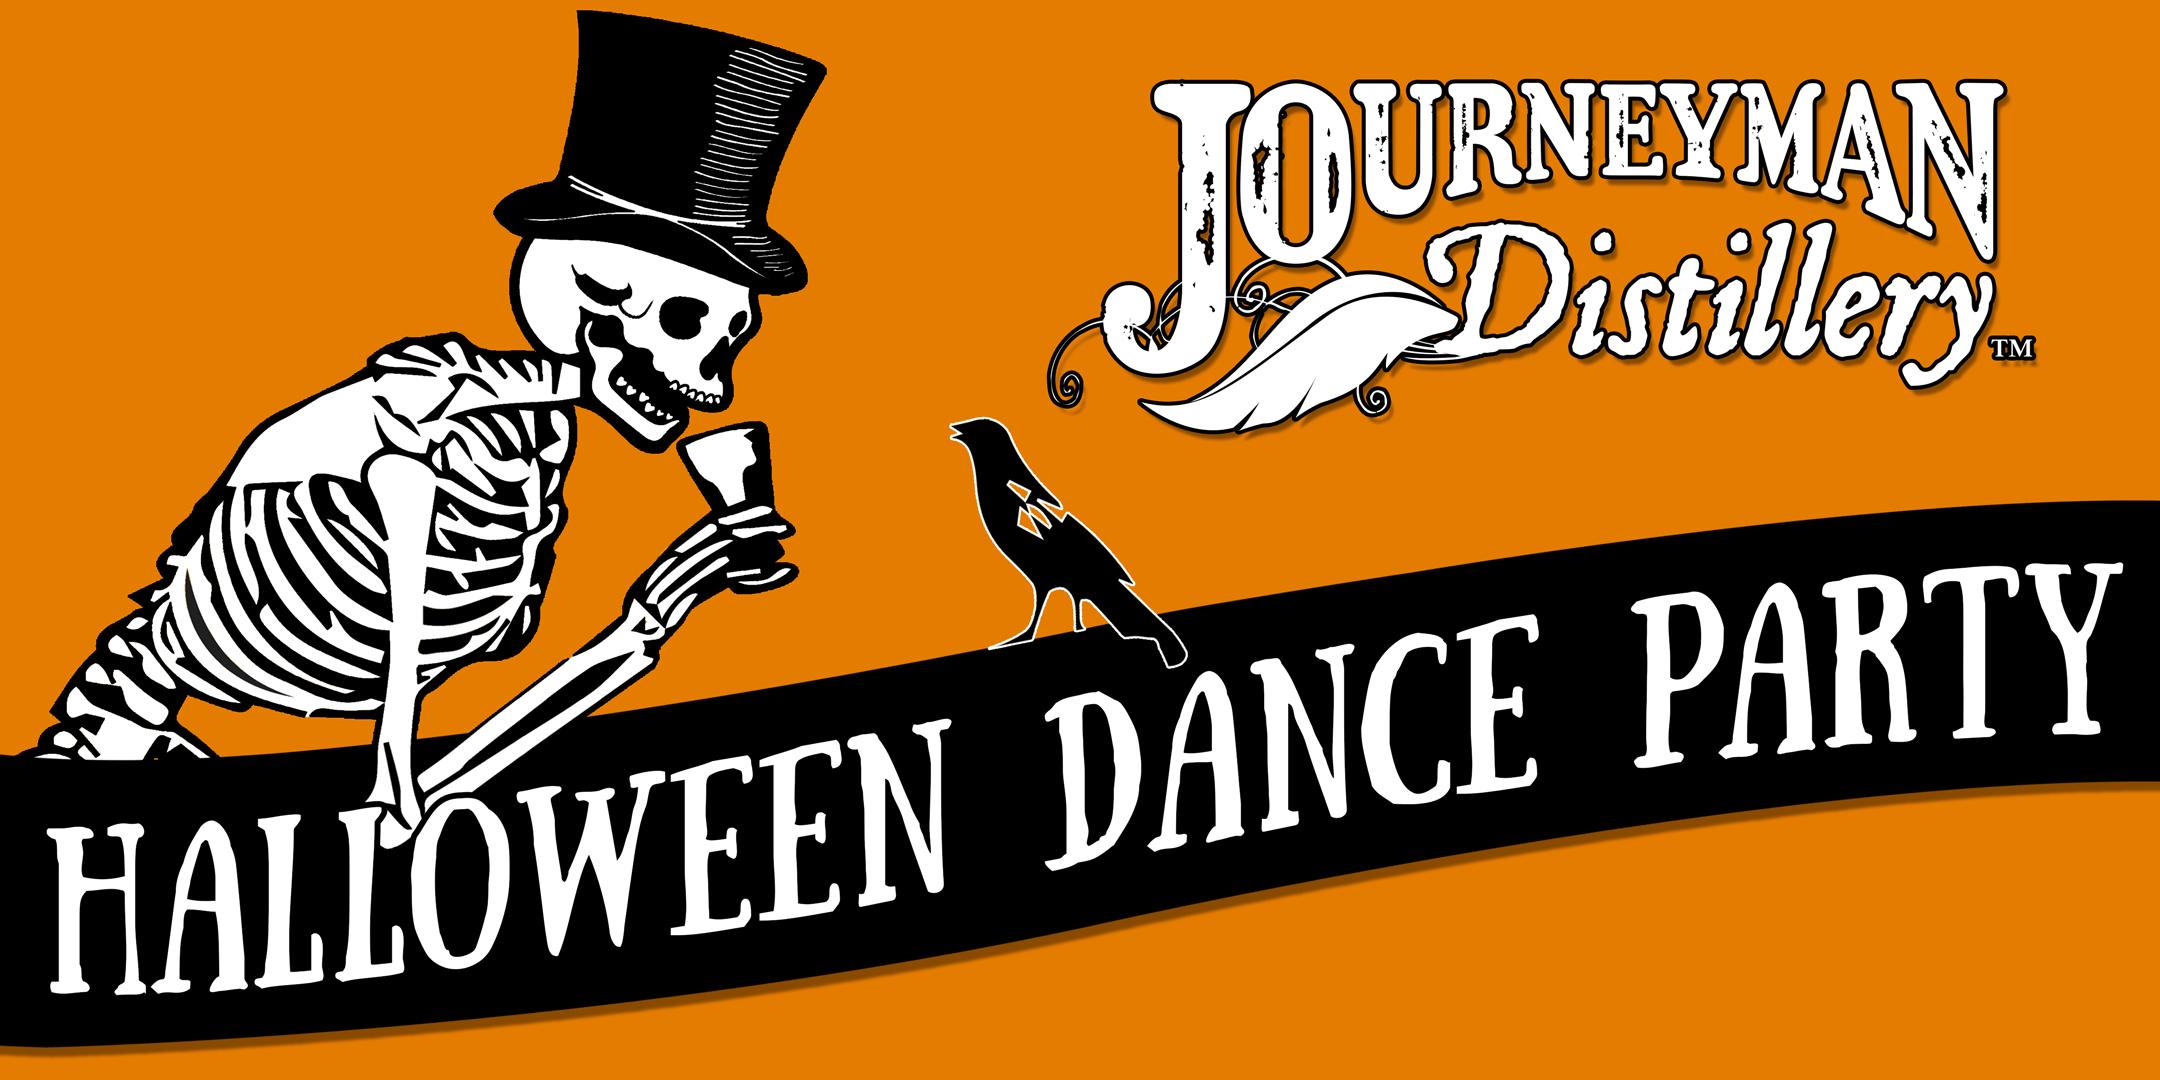 Halloween-eventbrite-banner